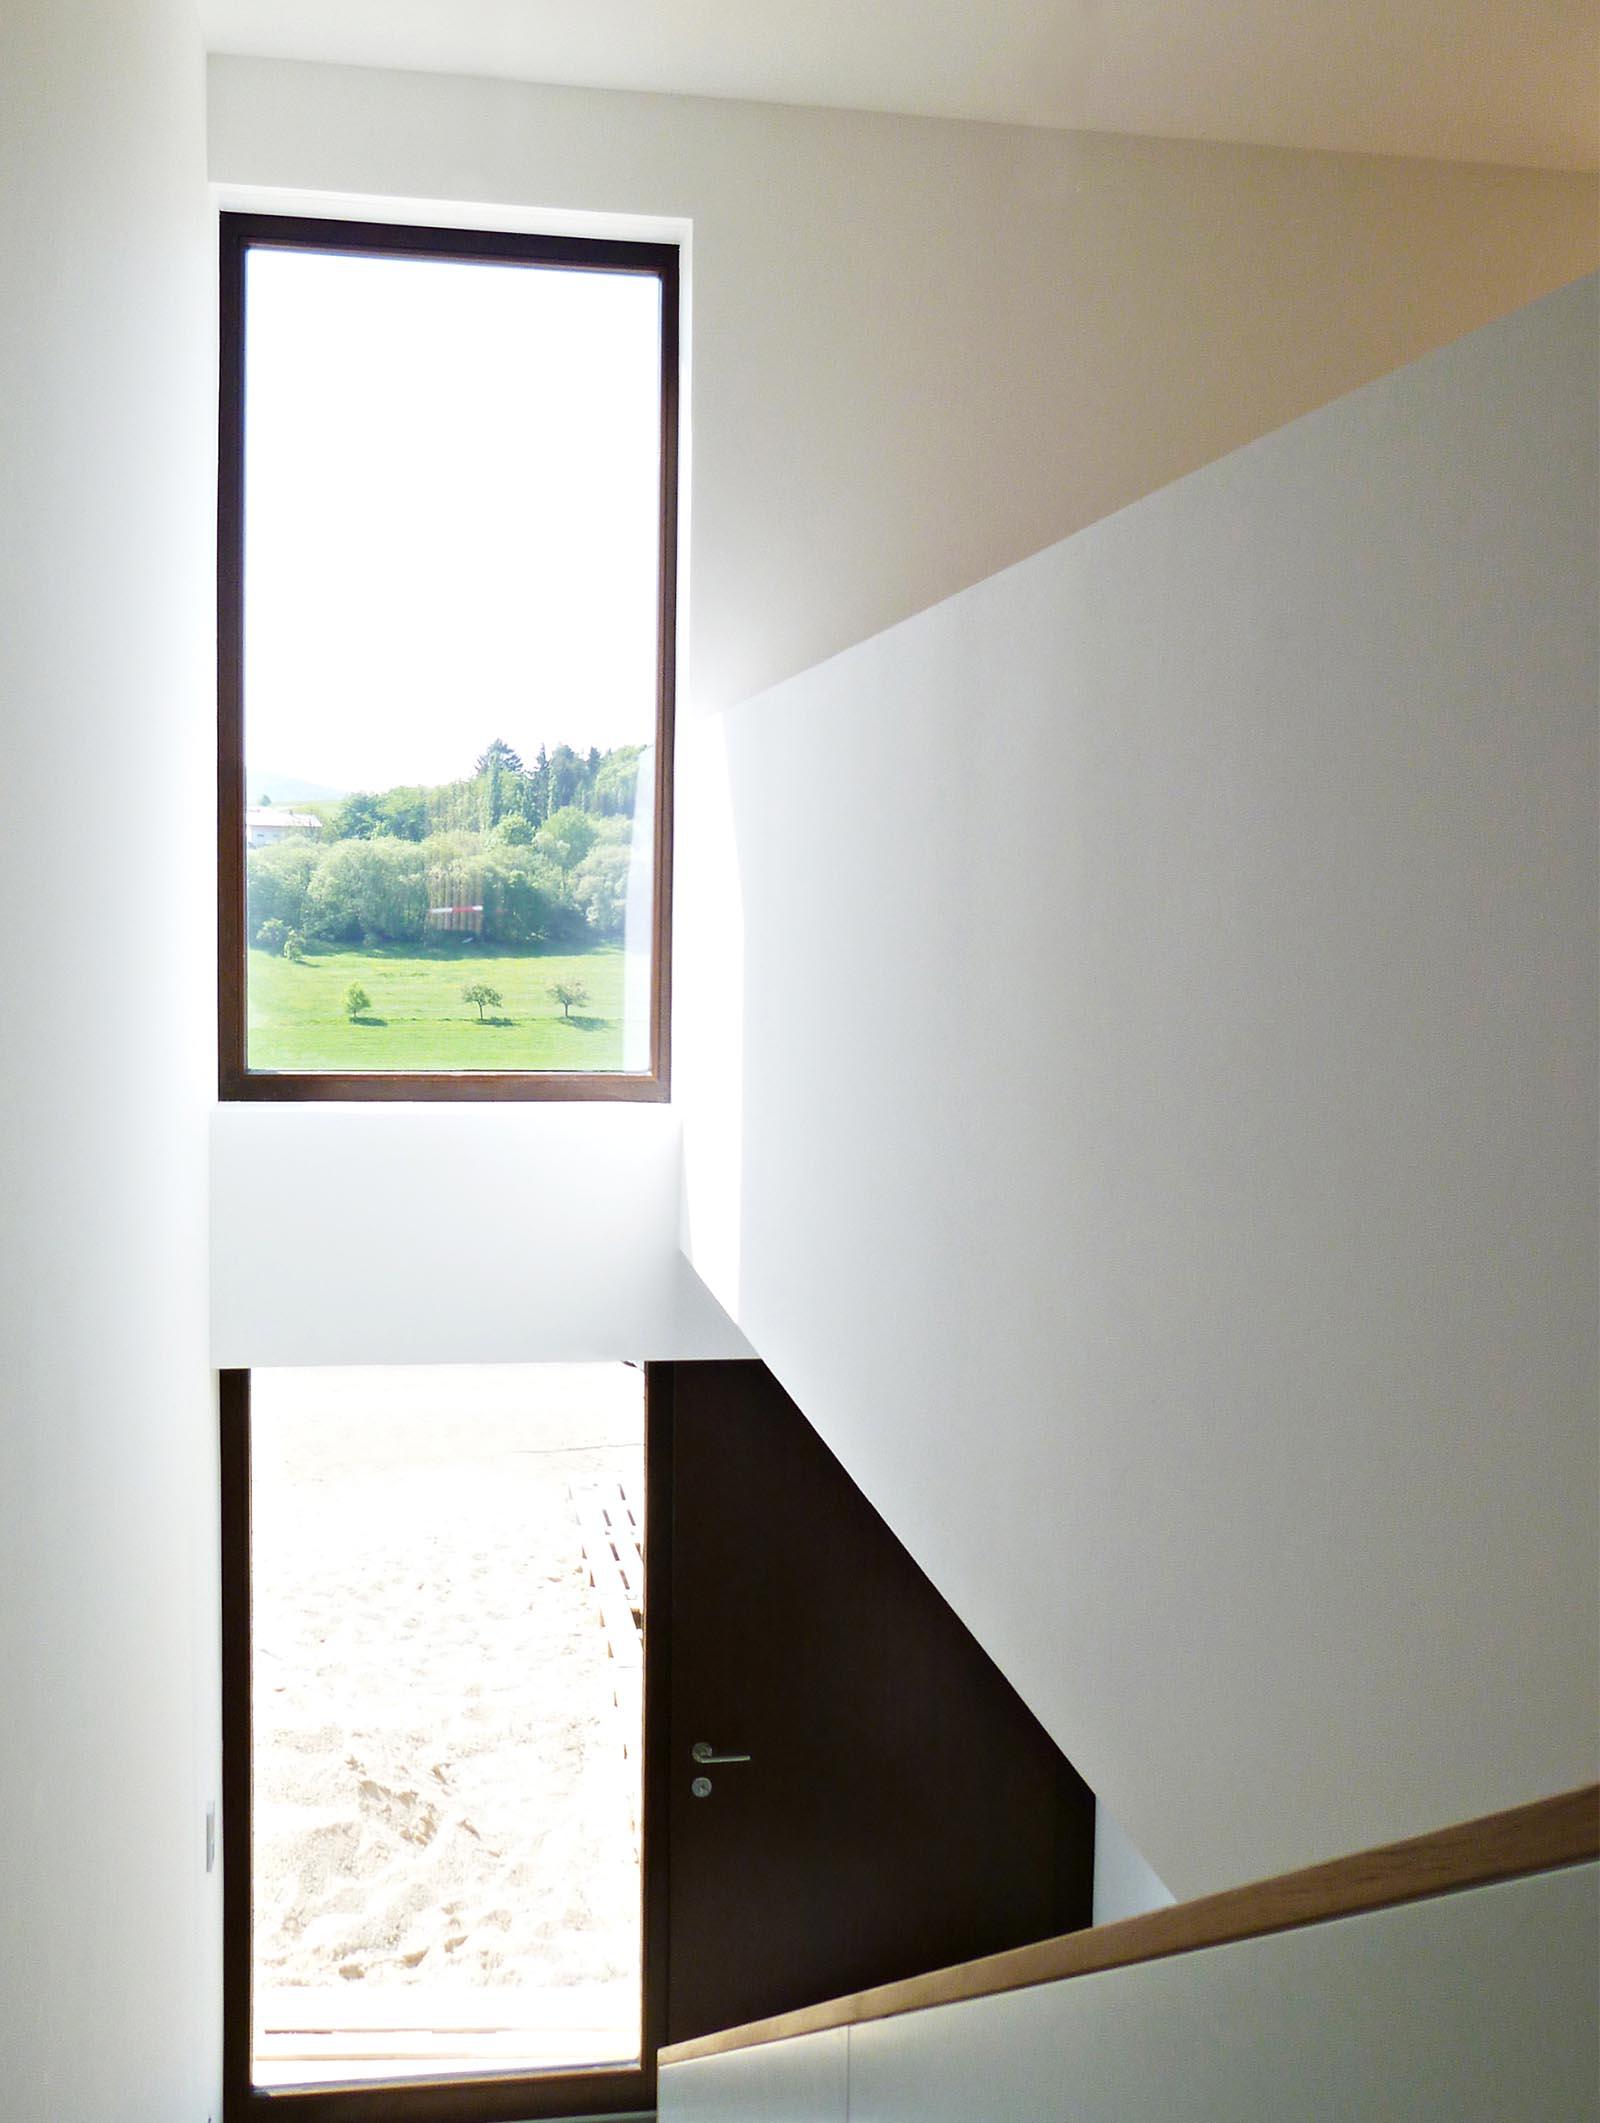 130211_115_wohnhaus_g_inne_treppe_fenster_detail